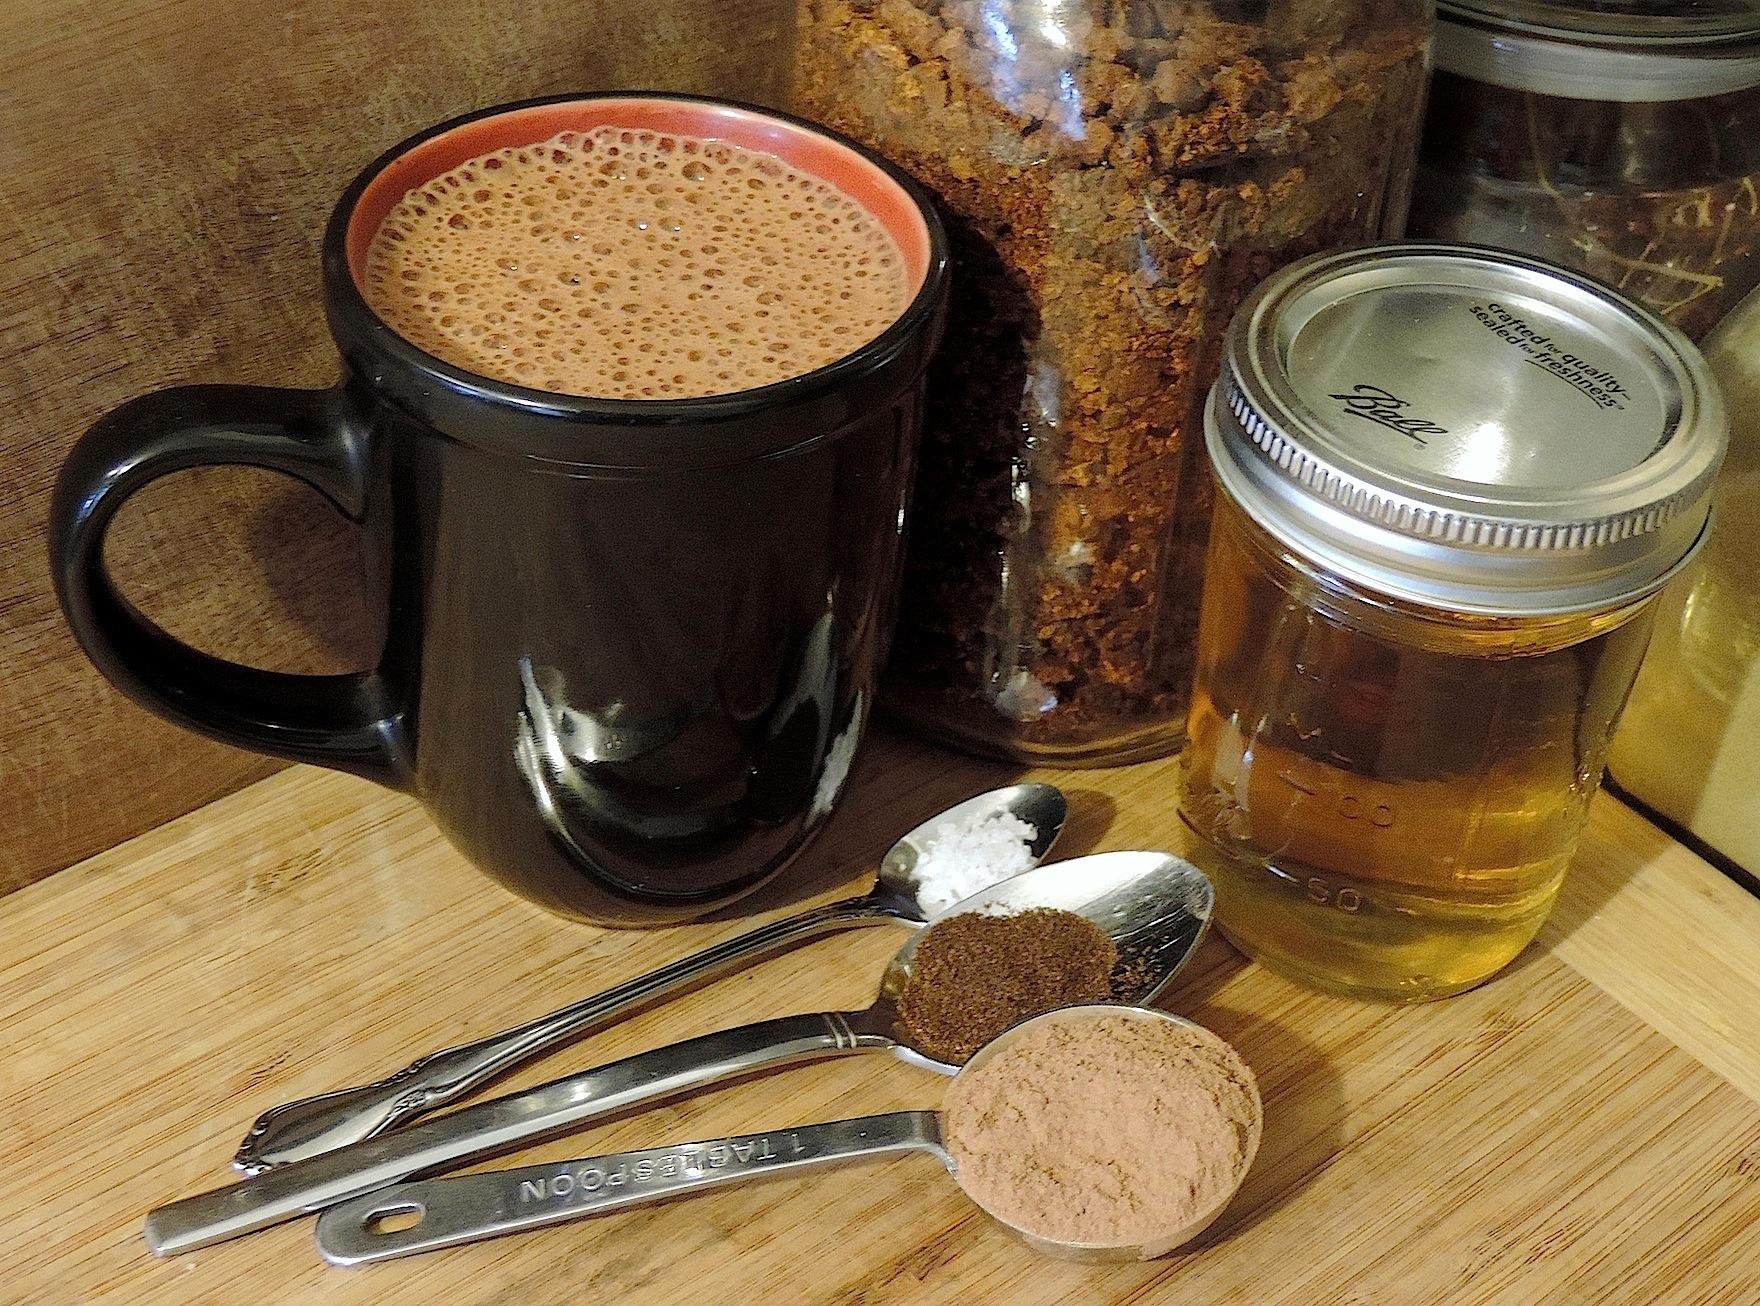 koffeinfria ketodrinkar